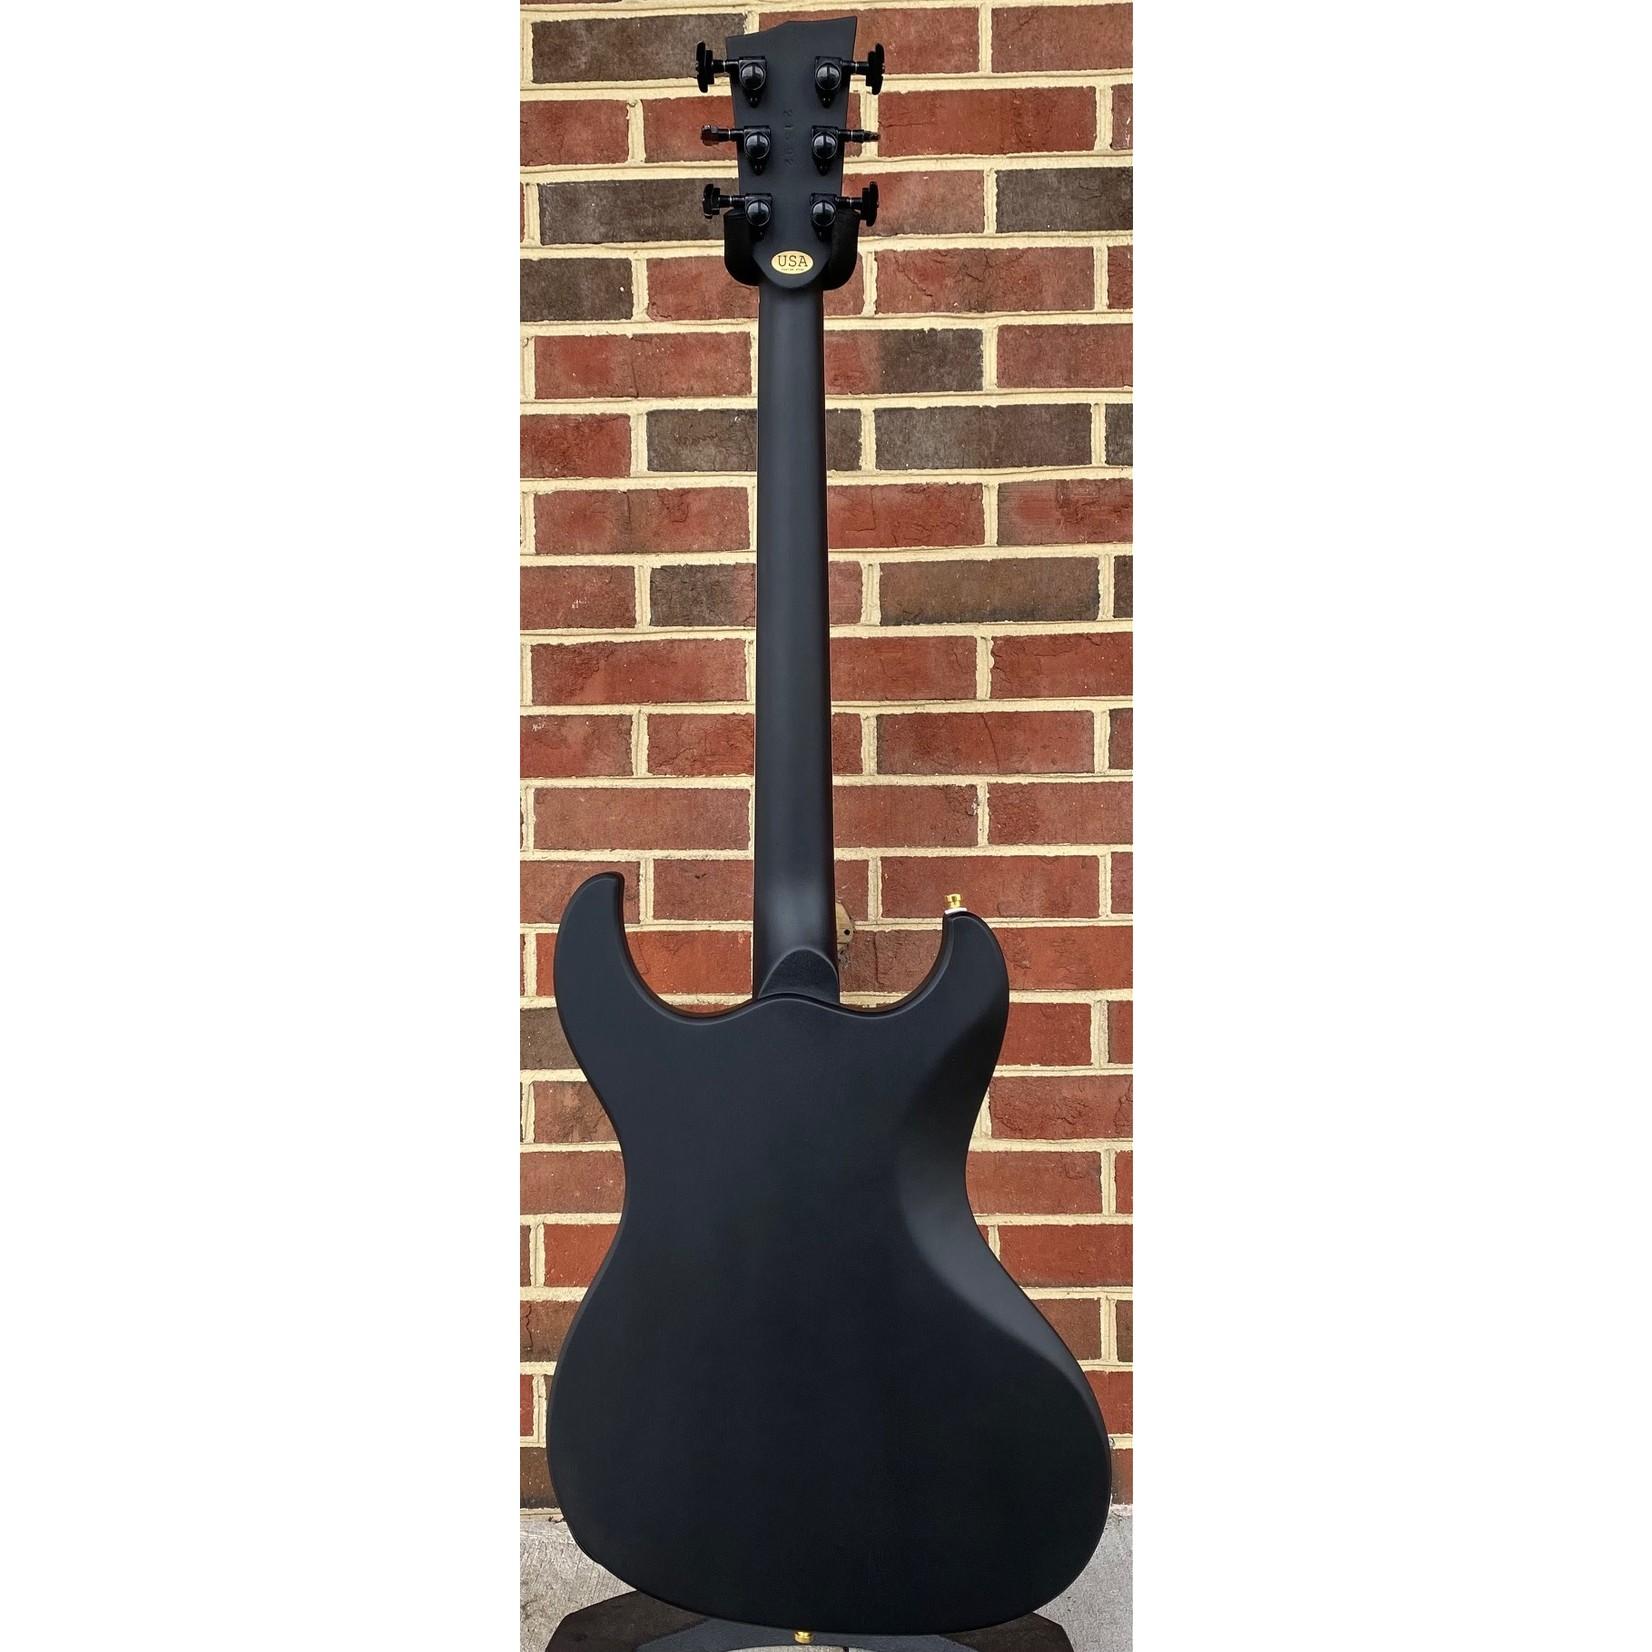 Dunable Guitars Dunable Guitars USA Custom Shop Gnarwhal, Mahogany Body, Matte Black, Black/Aged Gold Hardware, Ebony Fretboard, Block Inlays, Hardshell Case